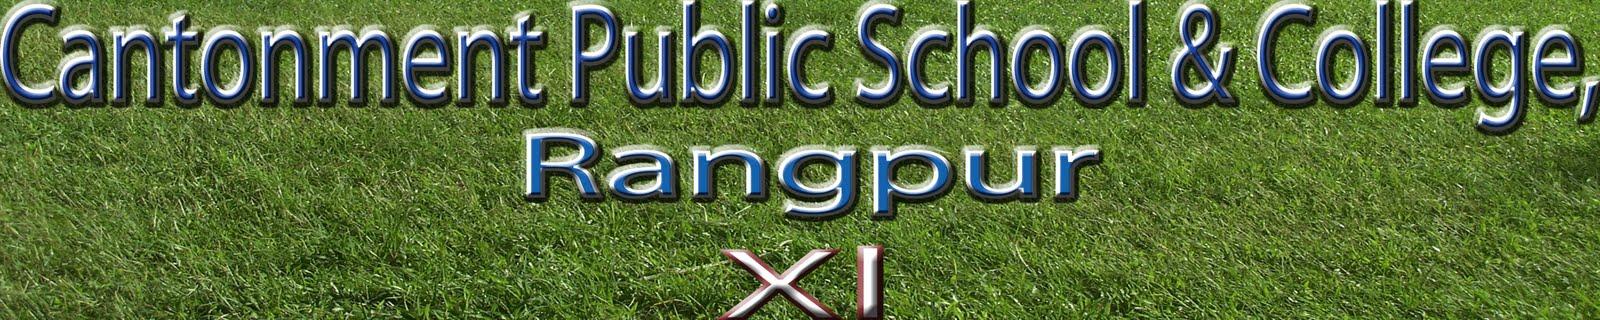 Cantonment Public School & College, Rangpur